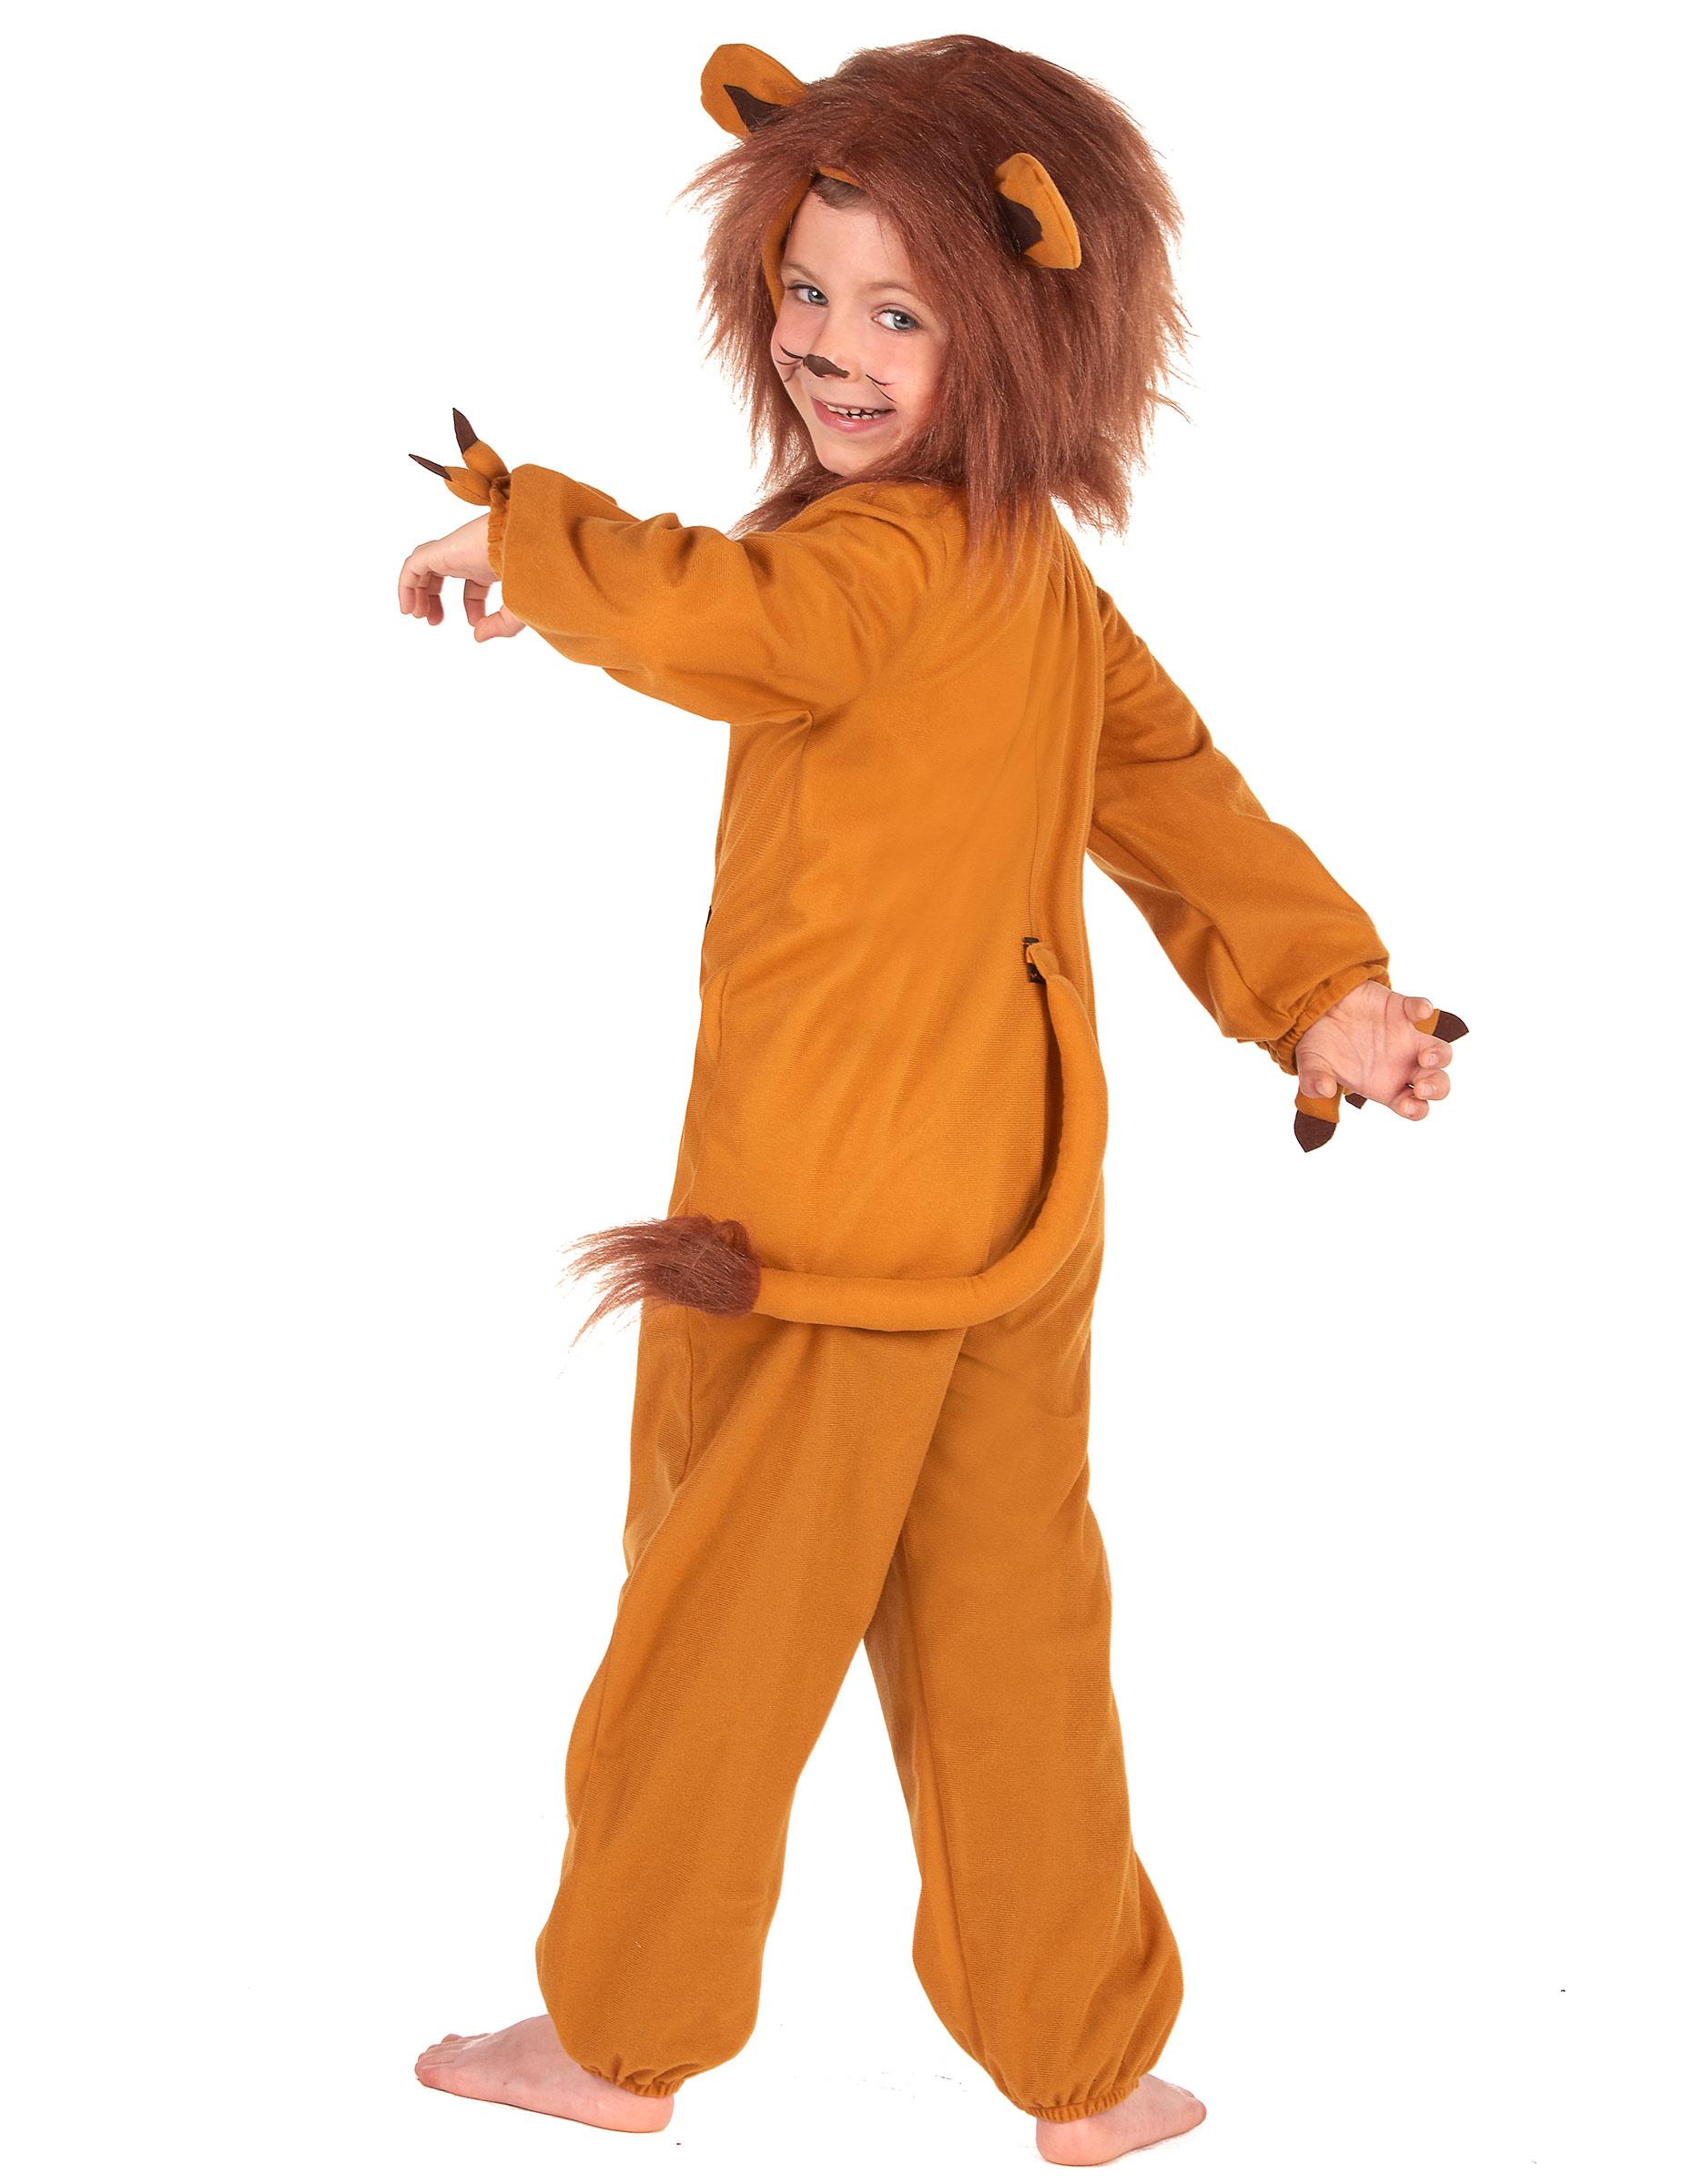 Costume da leone con criniera per bambino  Costumi bambini a34354cdbdd